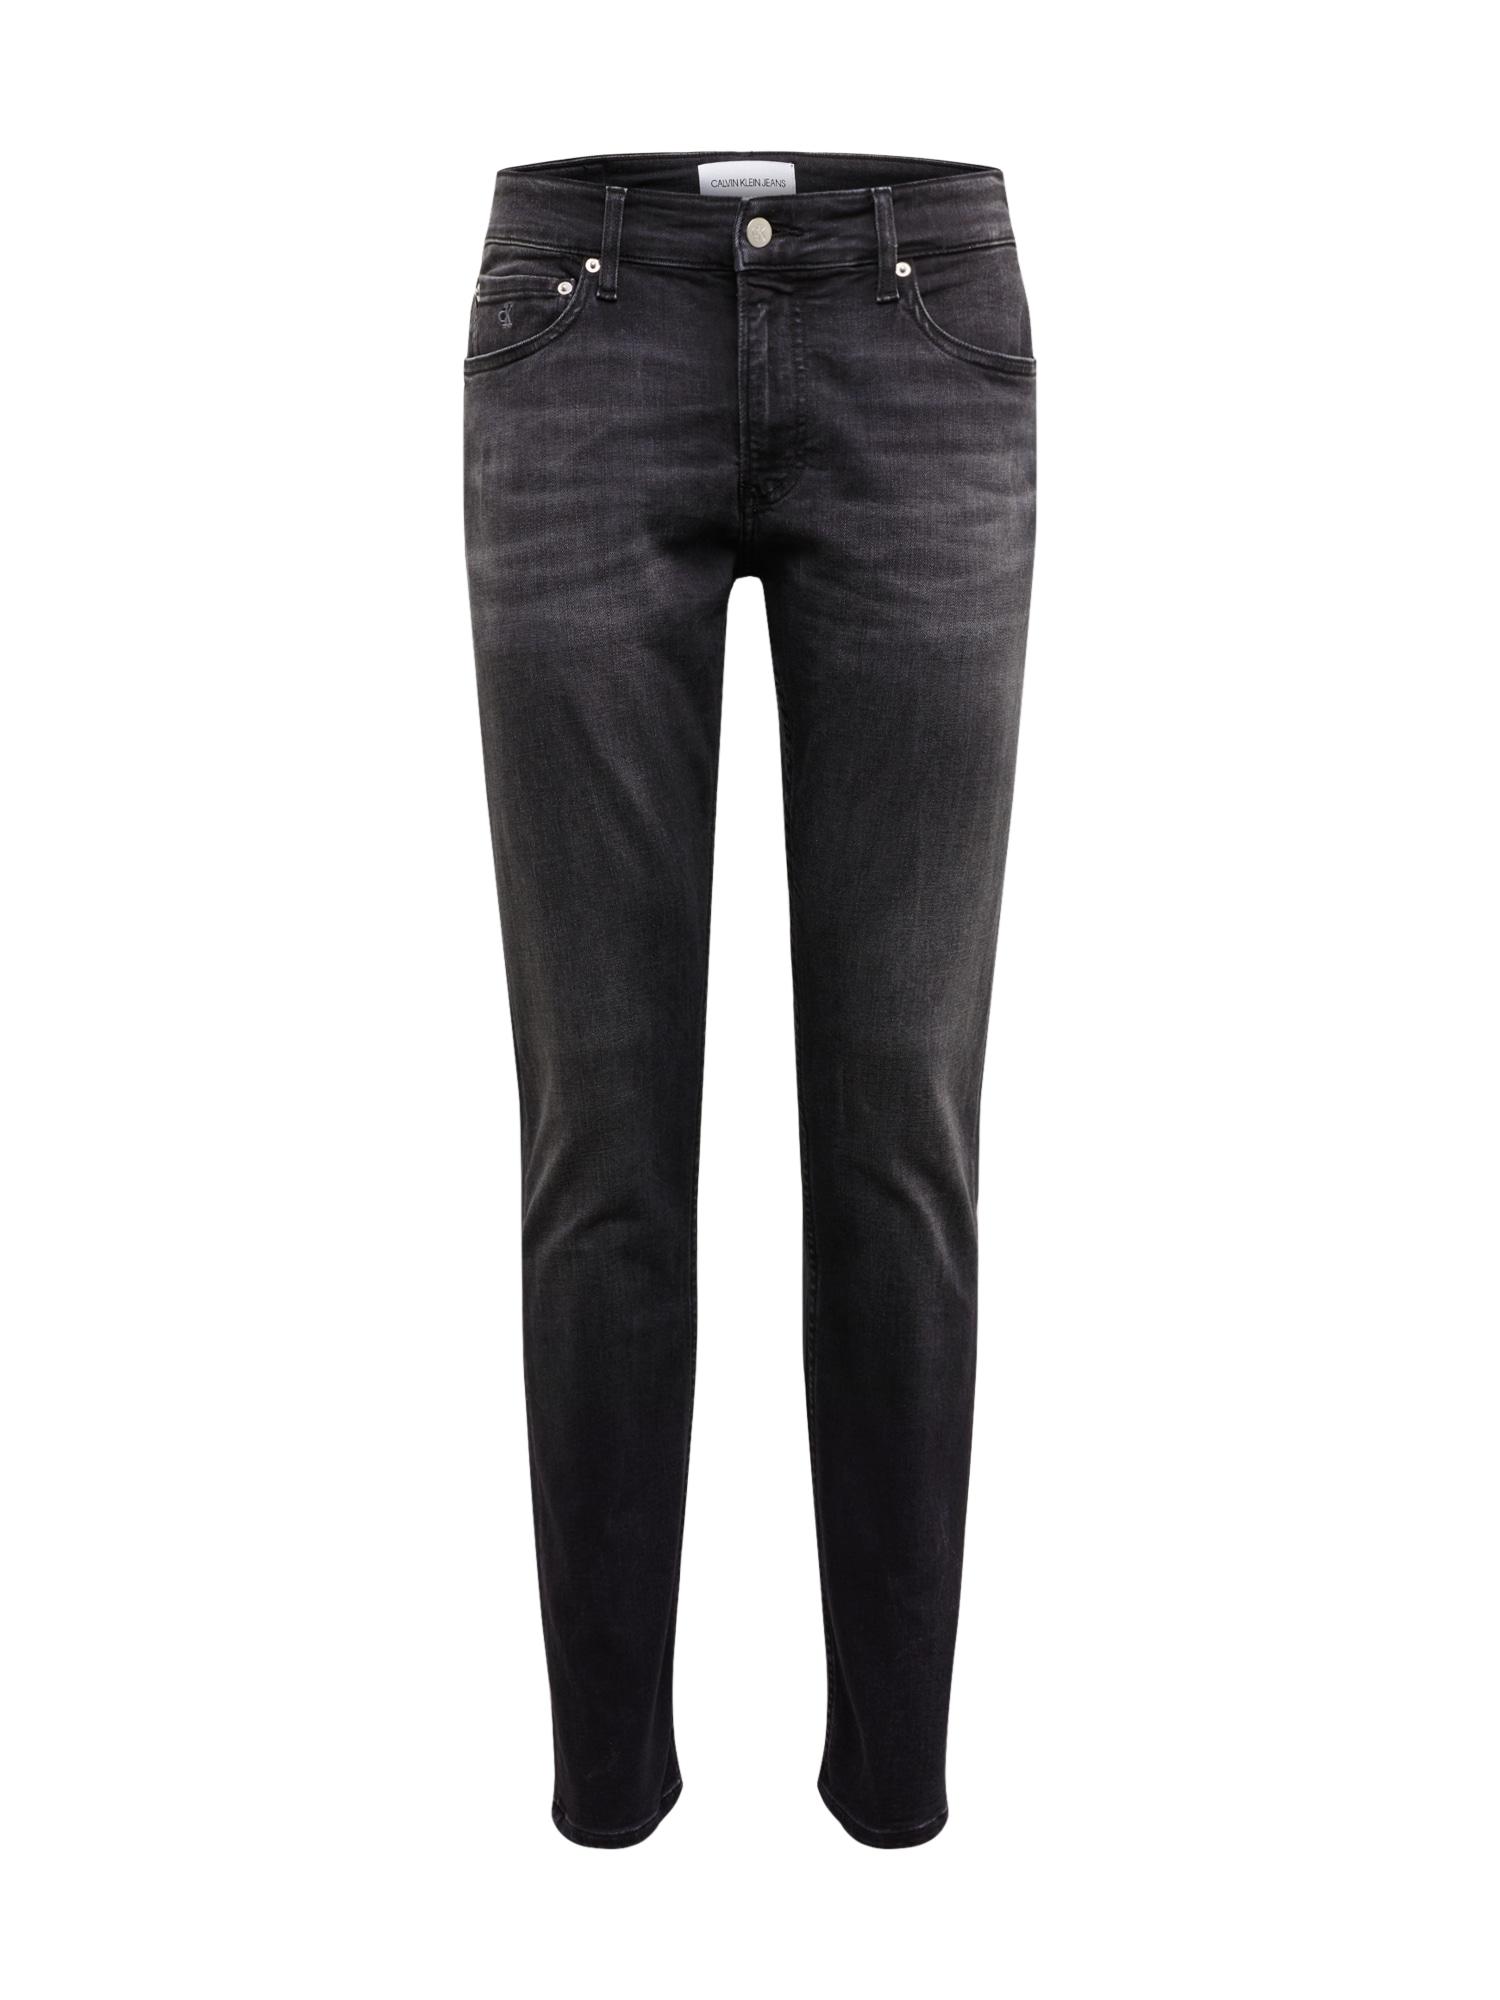 Calvin Klein Jeans Džinsai '026 SLIM' juodo džinso spalva